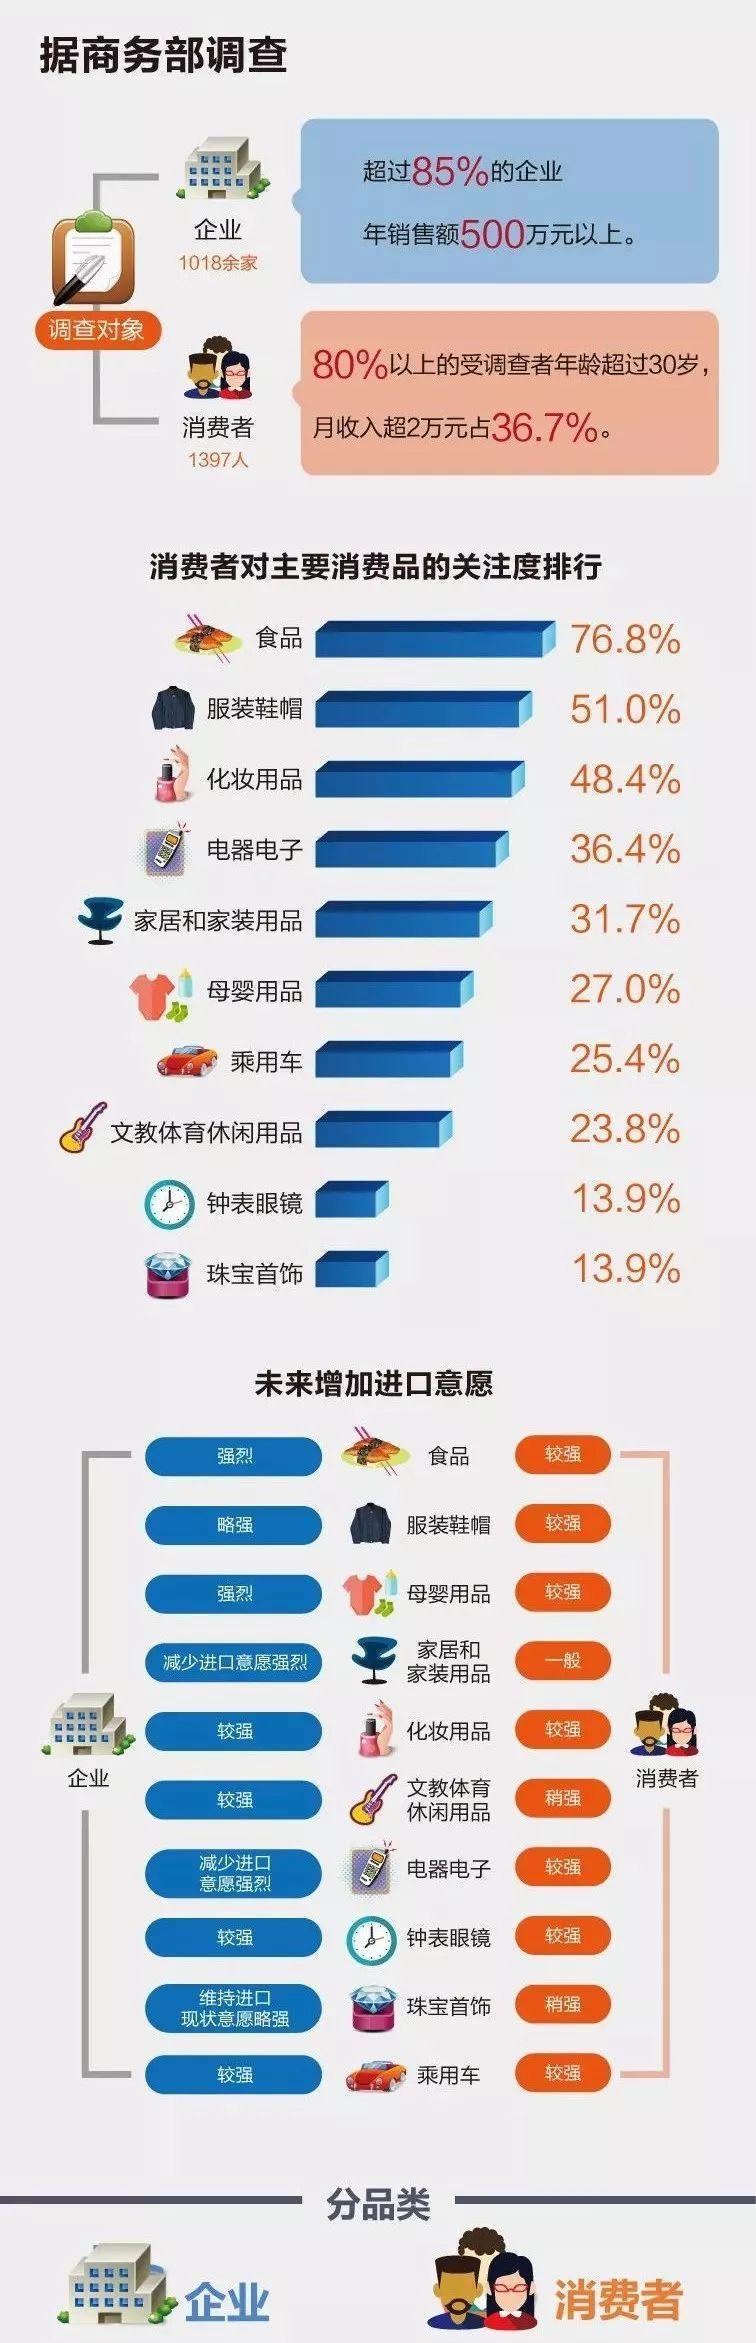 7月起进口服装关税降至7.1%,国产品牌做好升级准备了么?